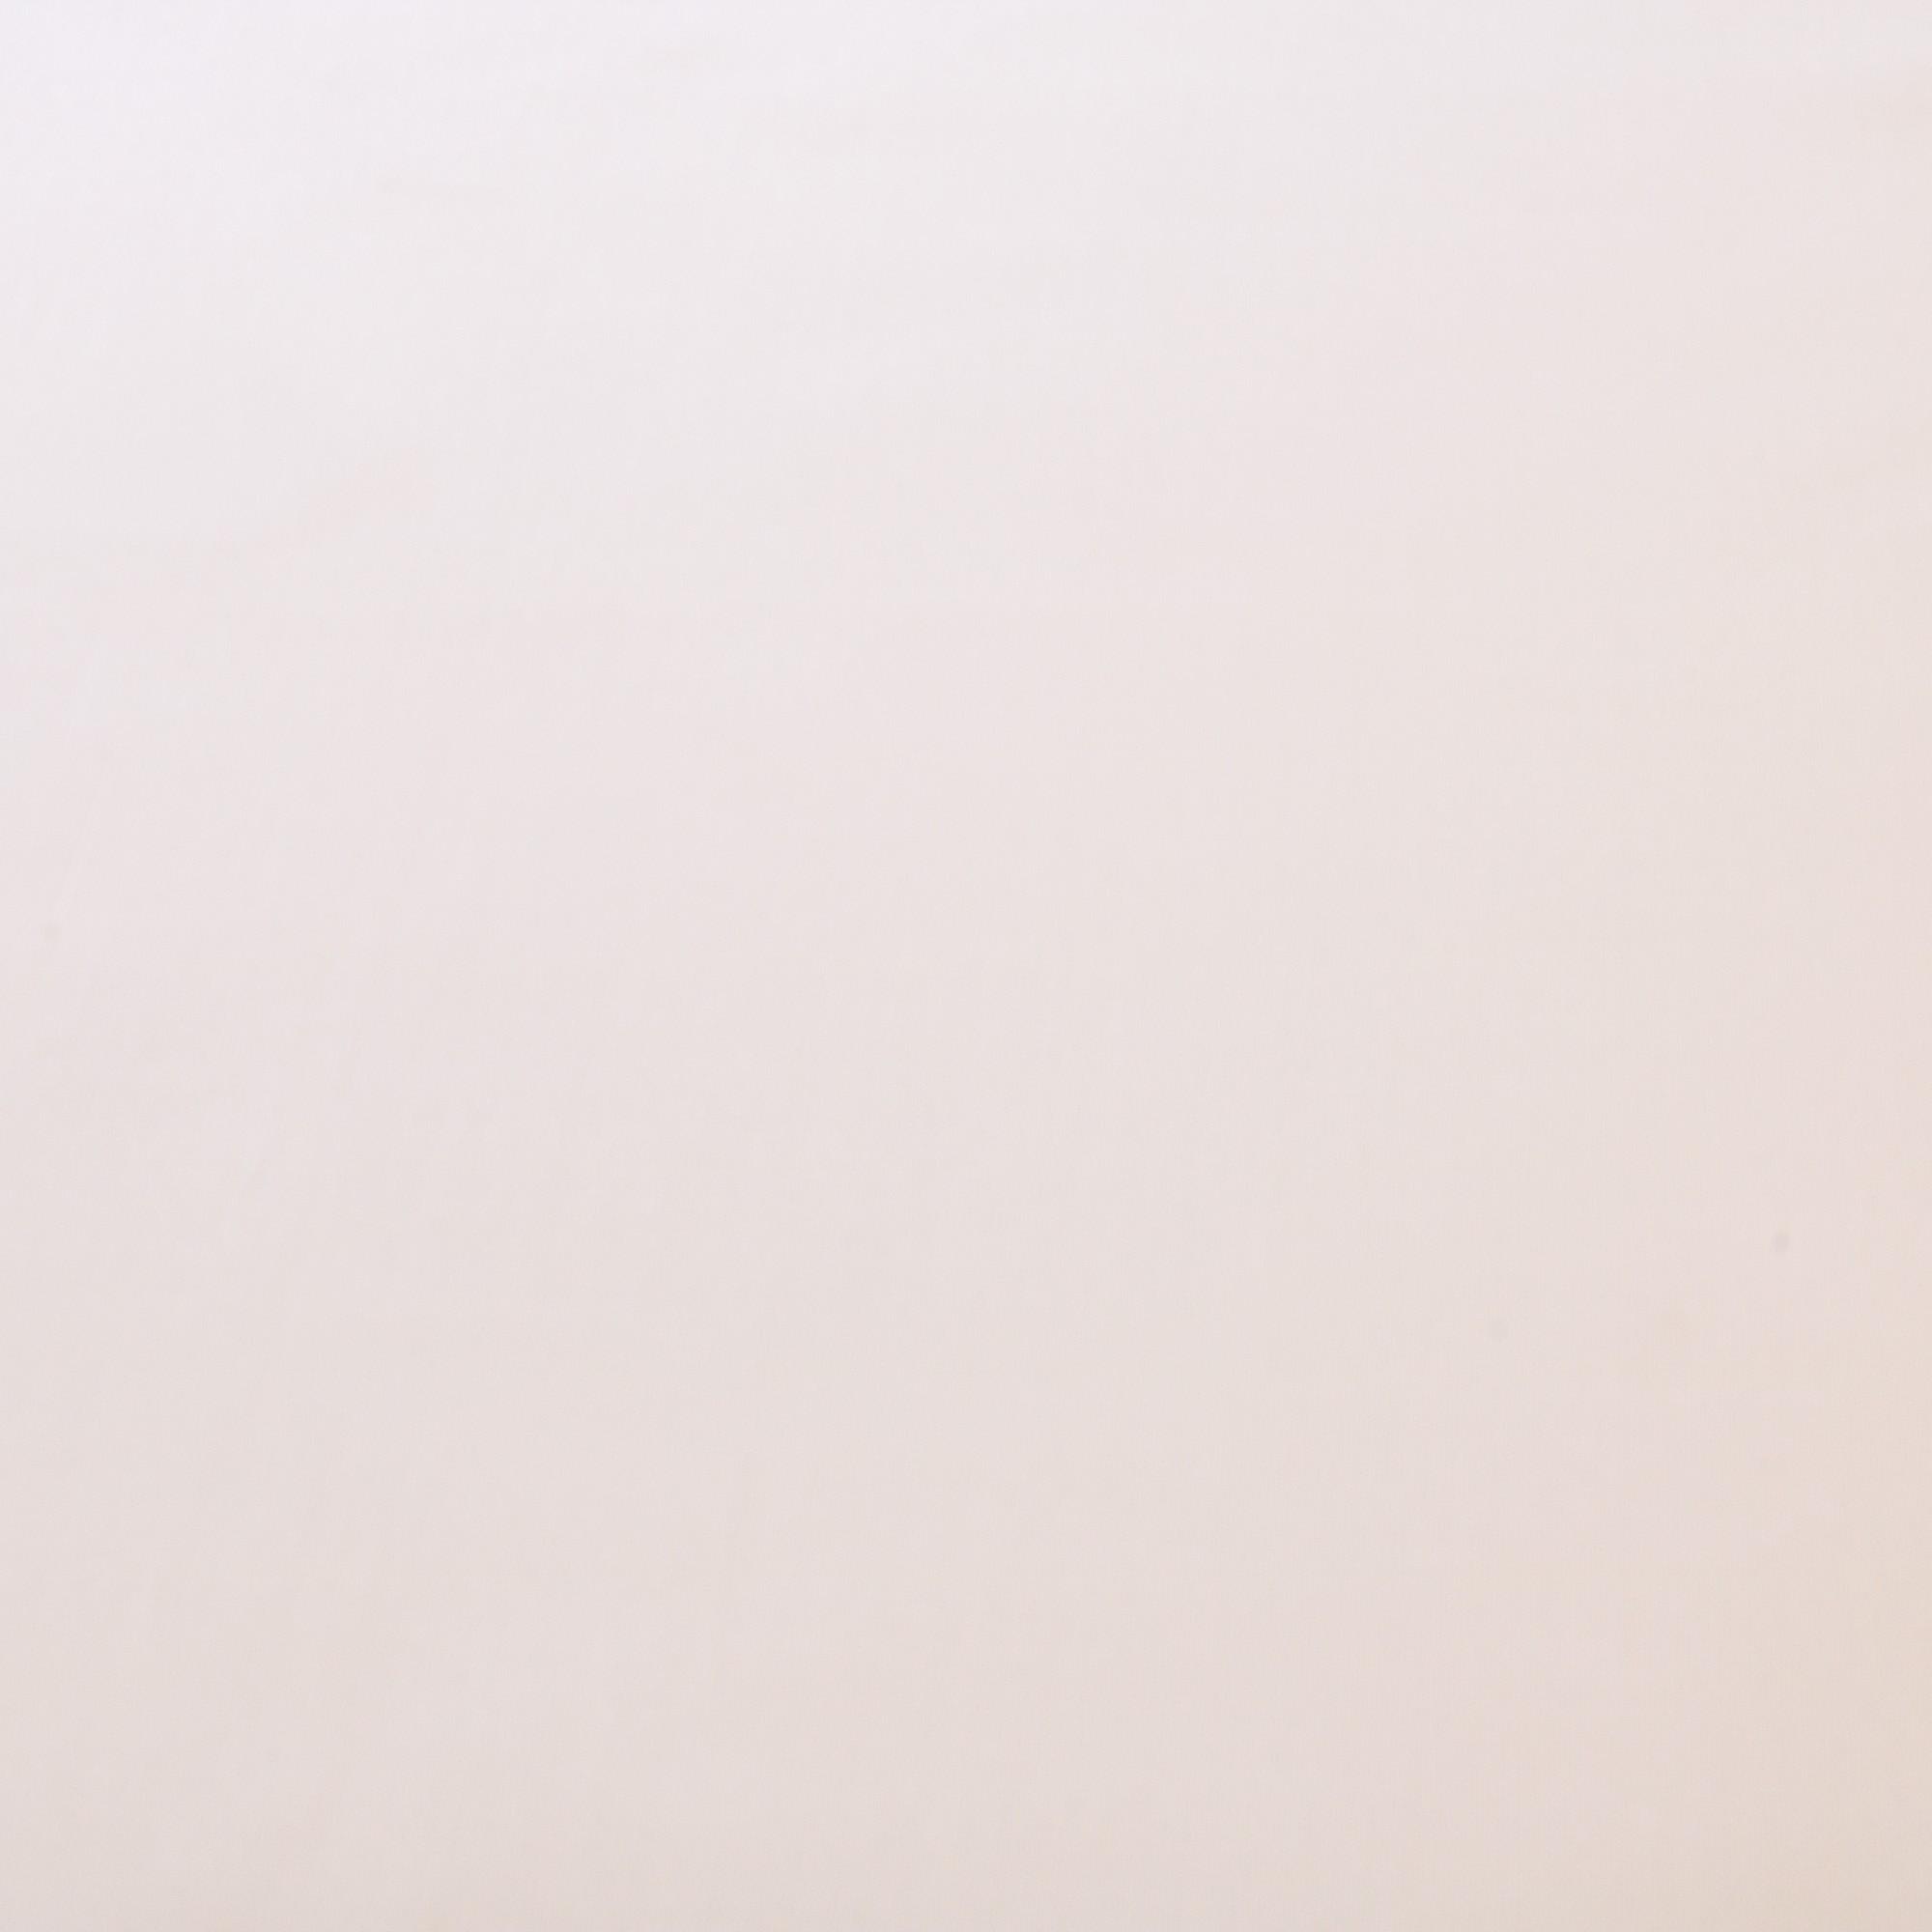 Tecido Tergal Verão Branco 100% Poliester 1,40 m Largura